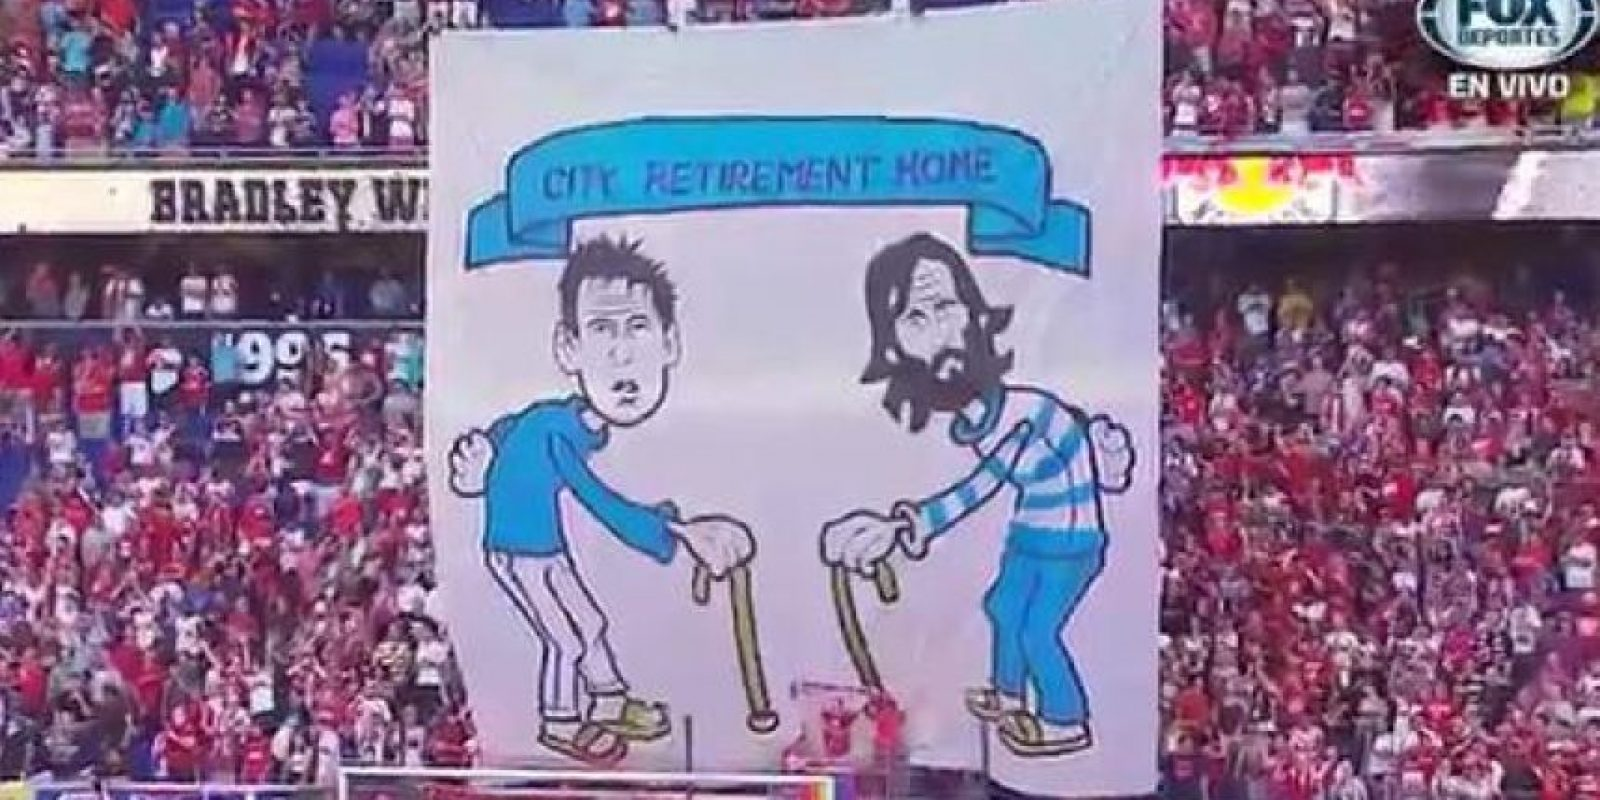 Los hinchas del New York Red Bulls mostraron esta pancarta Foto:MLS